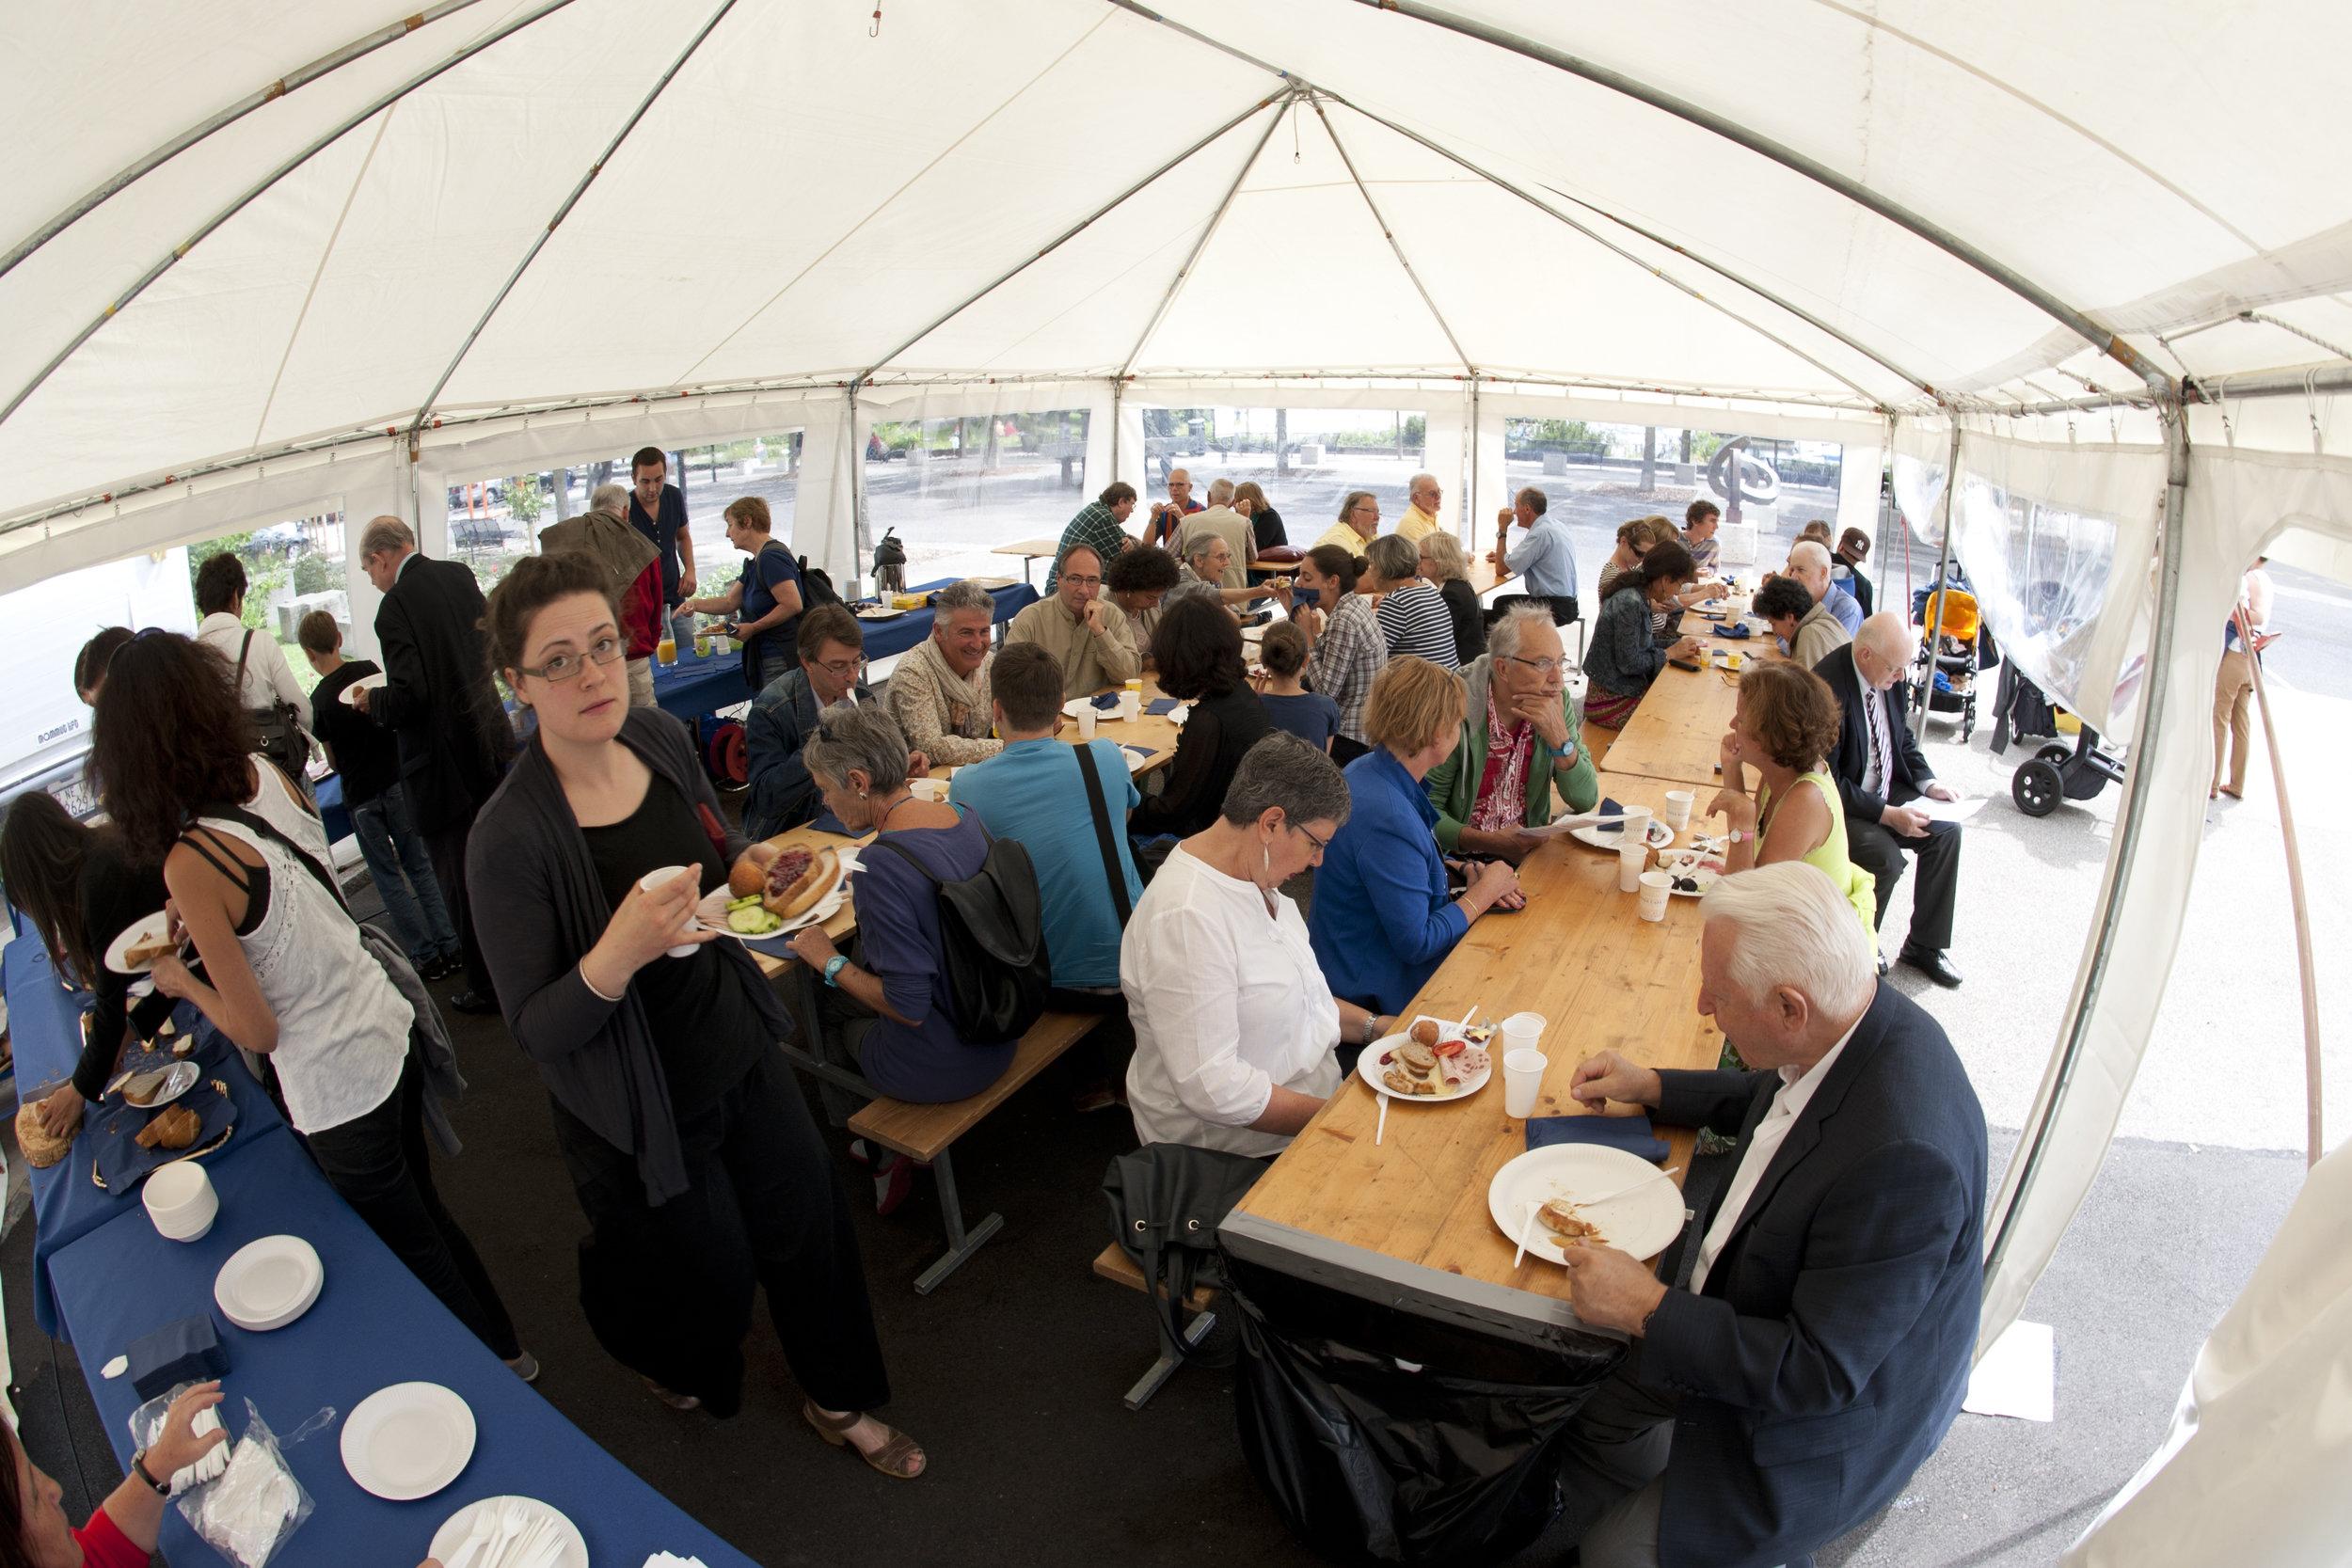 Le repas, servi sous la tente devant le MahN